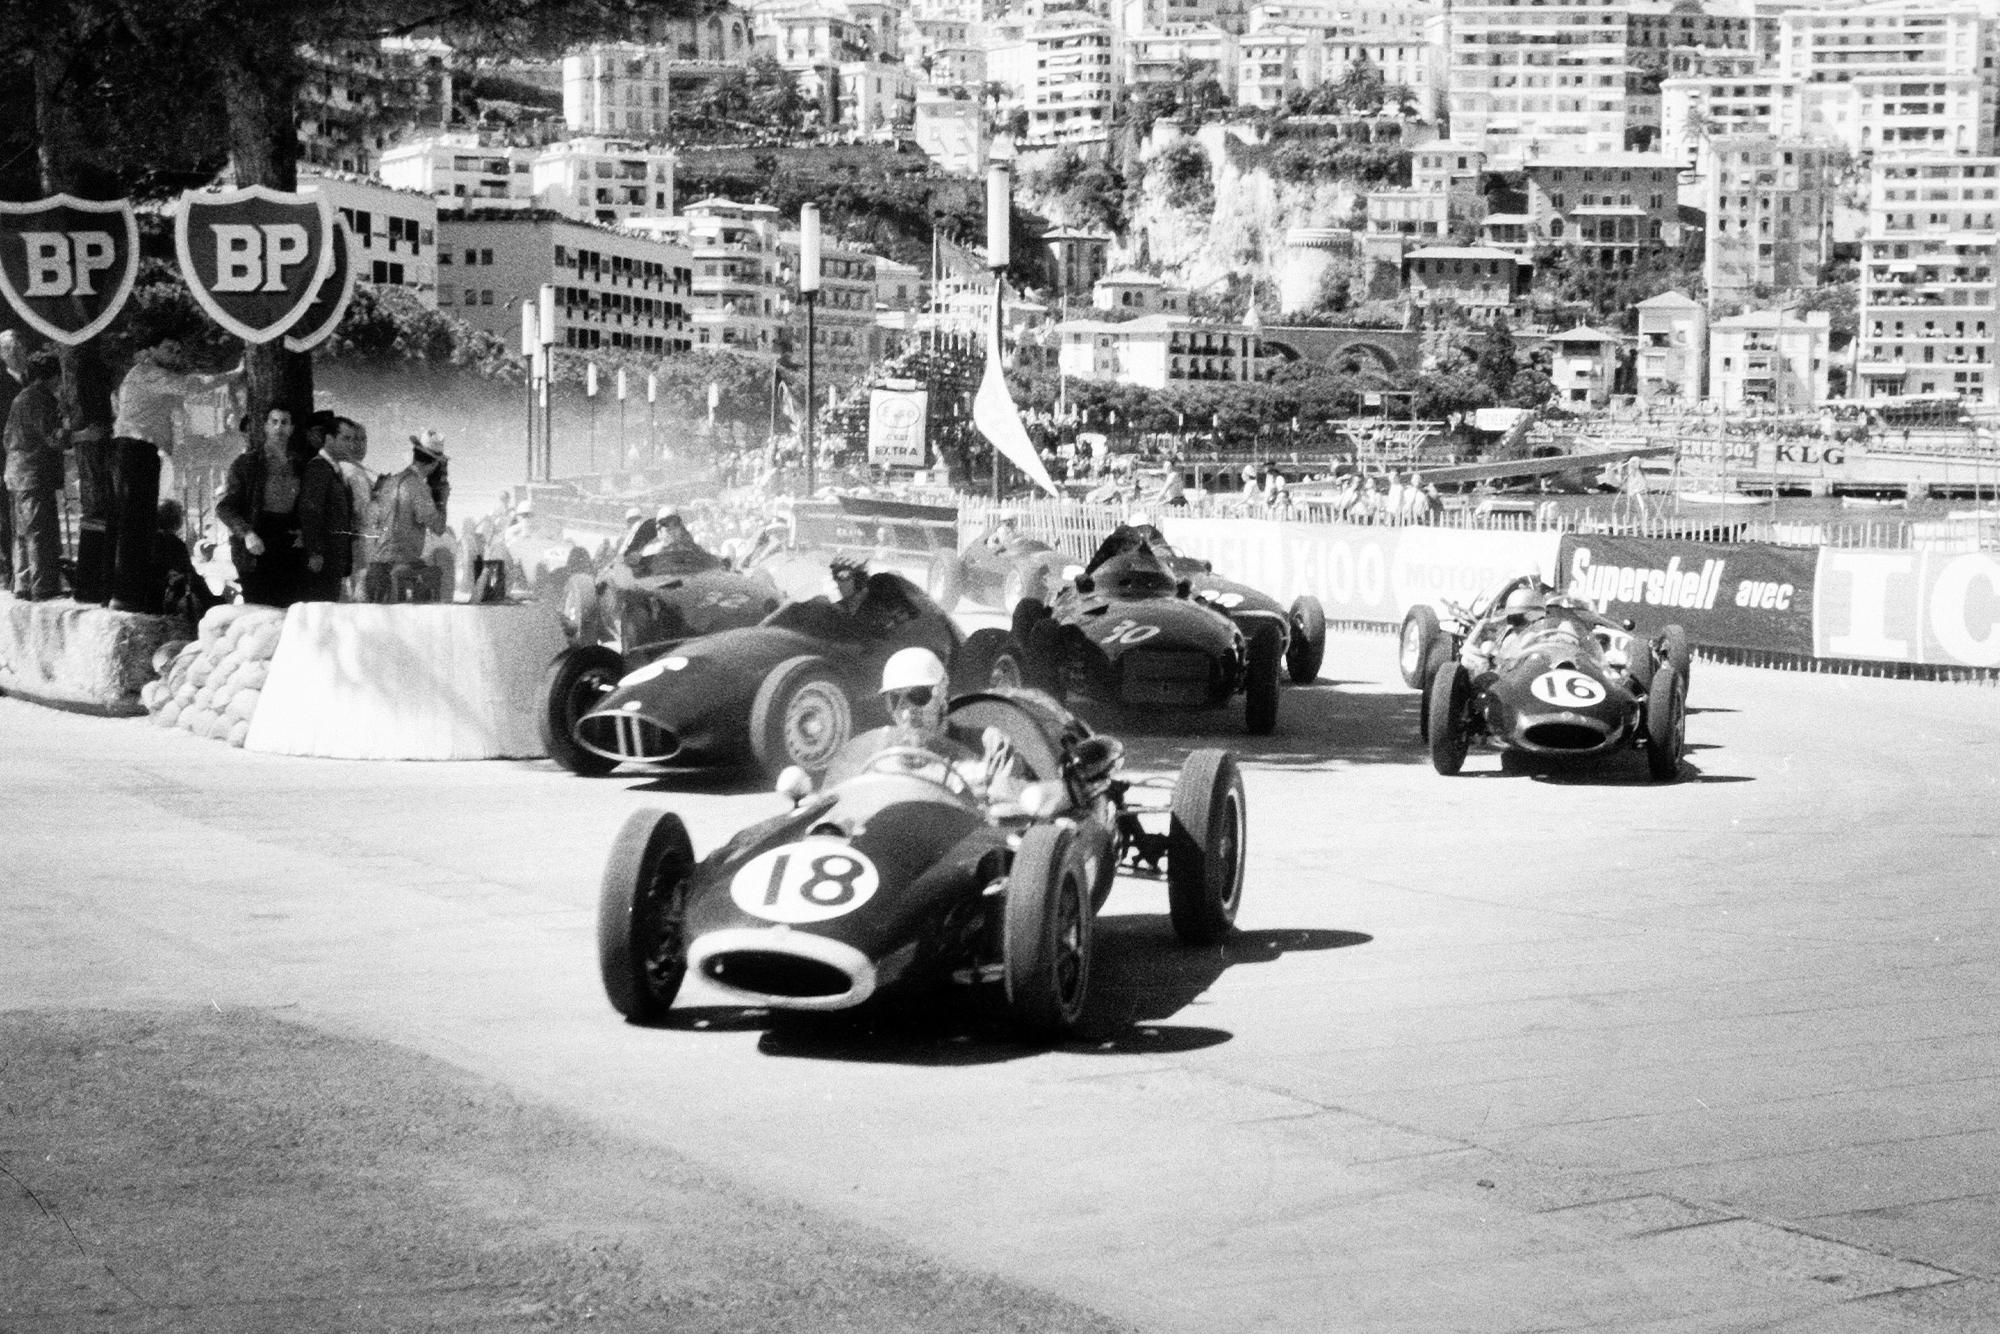 Cars scramble at the 1958 Monaco Grand Prix